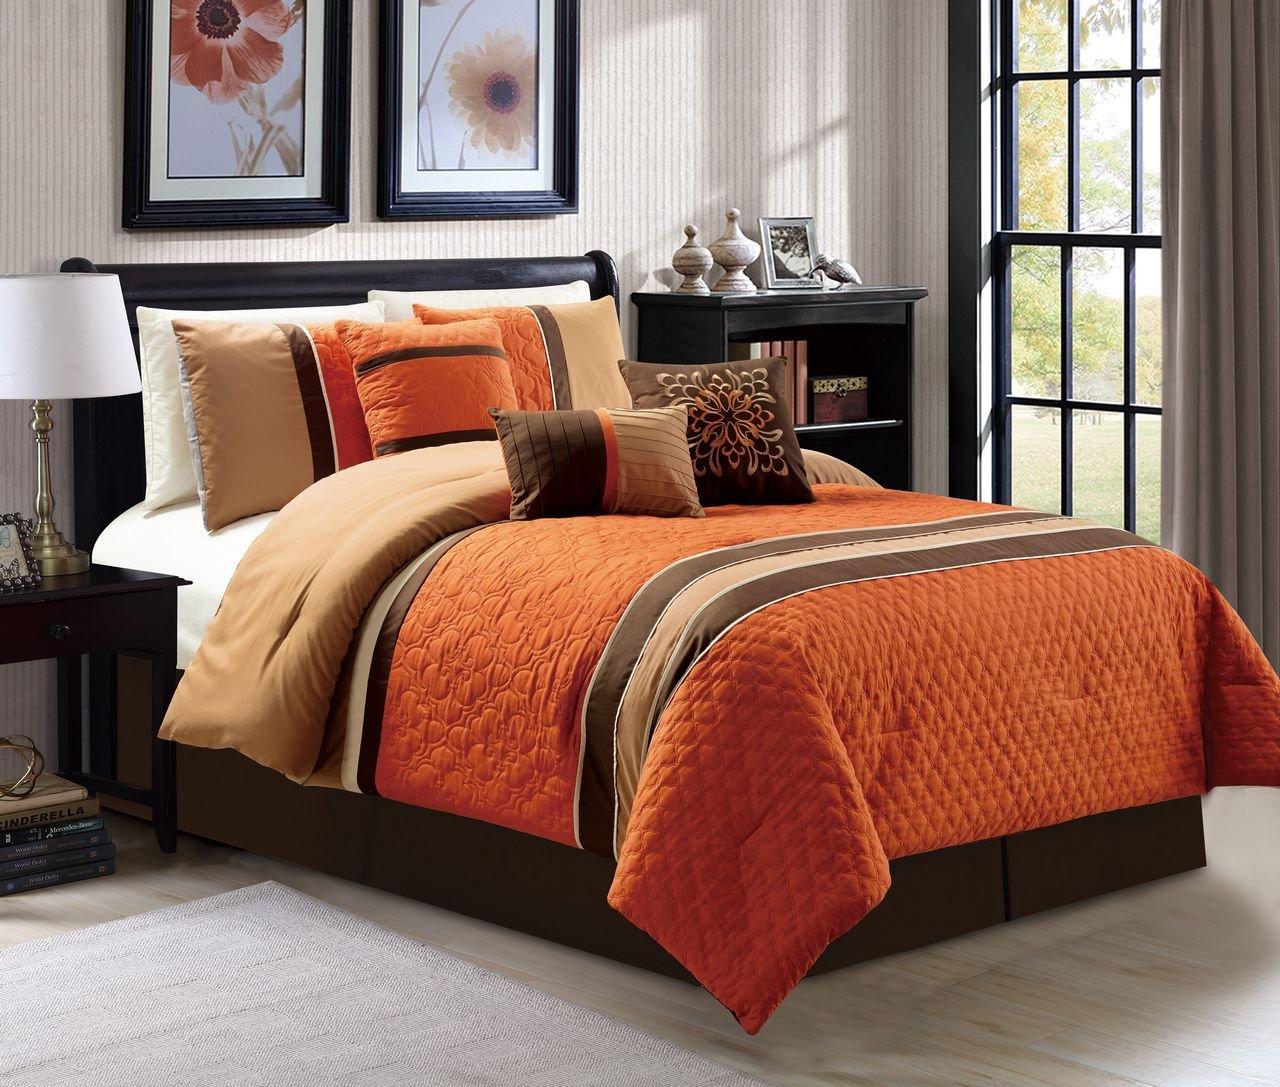 7 pc cal king size quartrefoil quilted orange taupe comforter set bed in a bag ebay. Black Bedroom Furniture Sets. Home Design Ideas